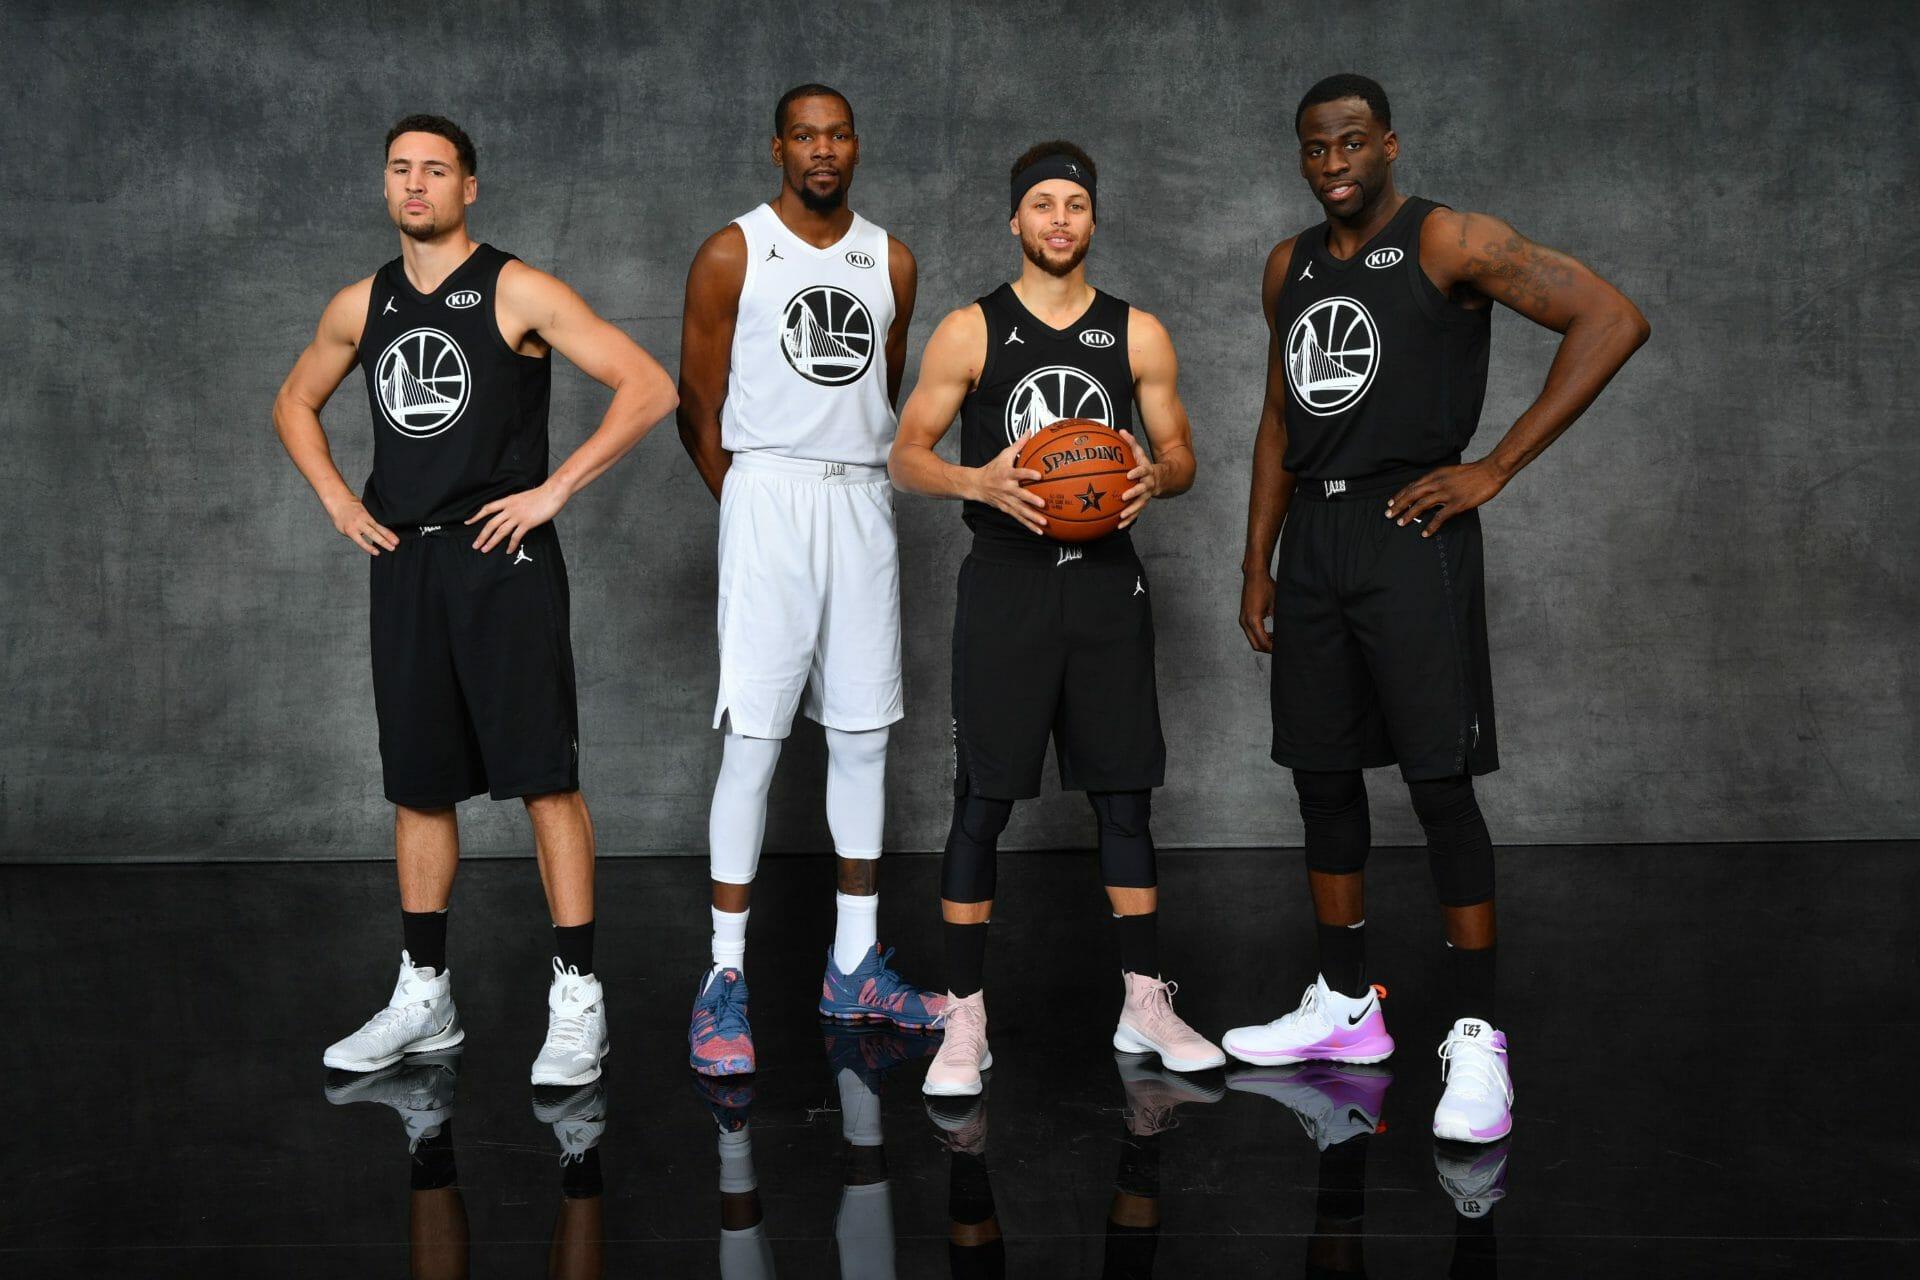 L'évolution des maillots NBA du All-Star Game depuis plus d'un demi-siècle